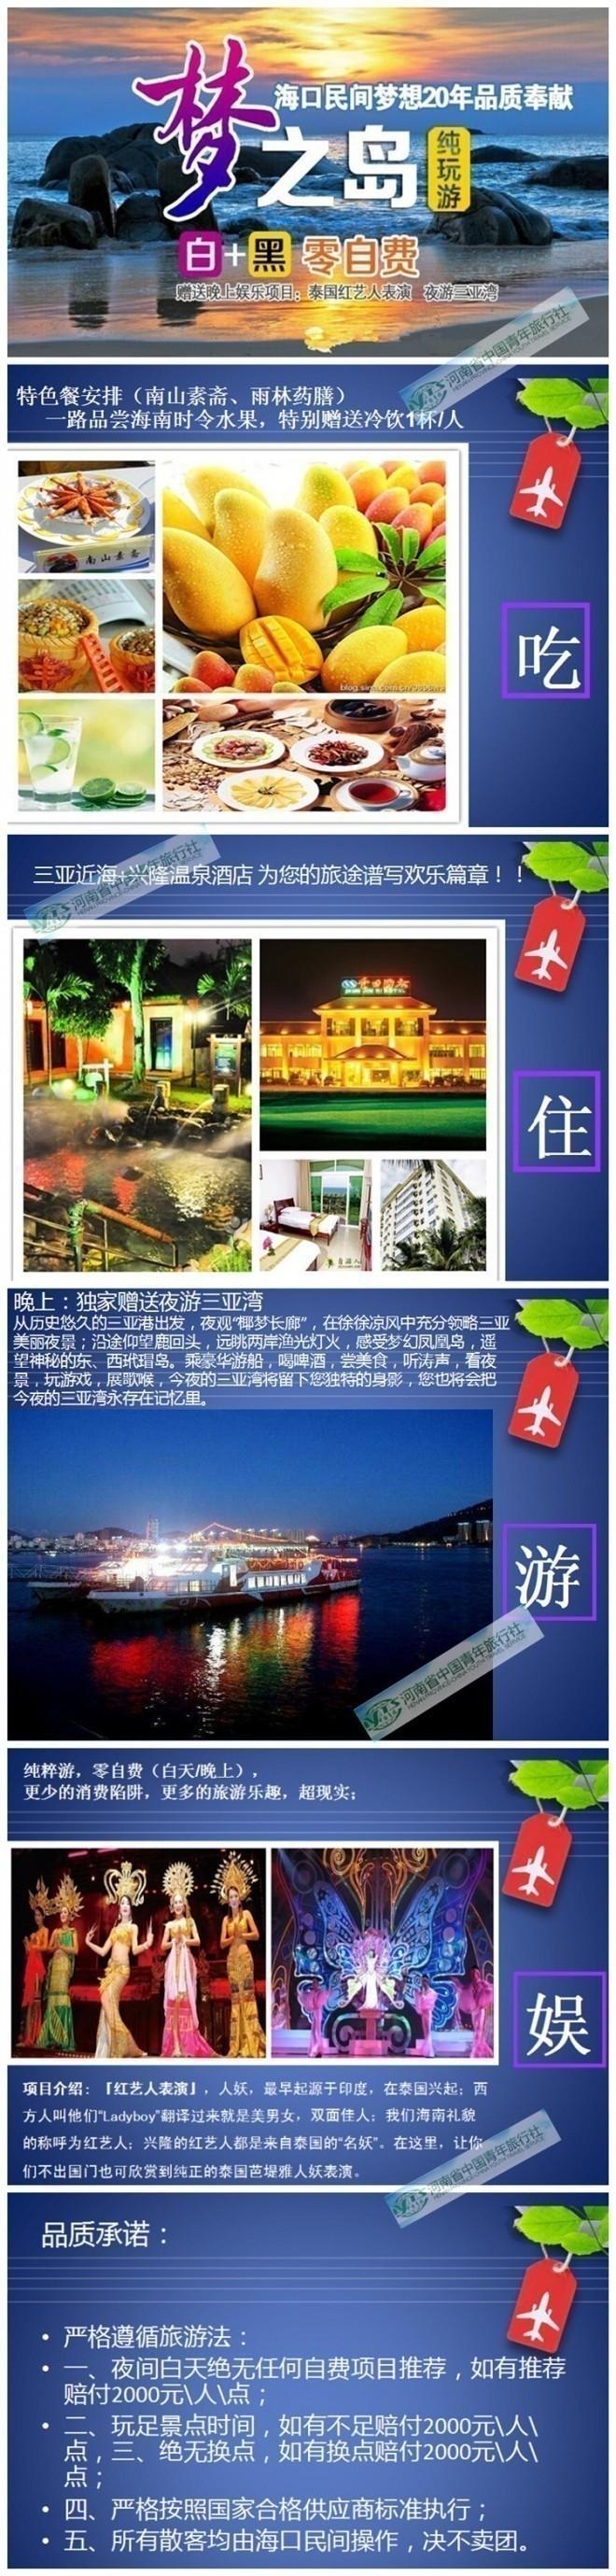 交通:出发地到郑州火车站/飞机场往返接送服务